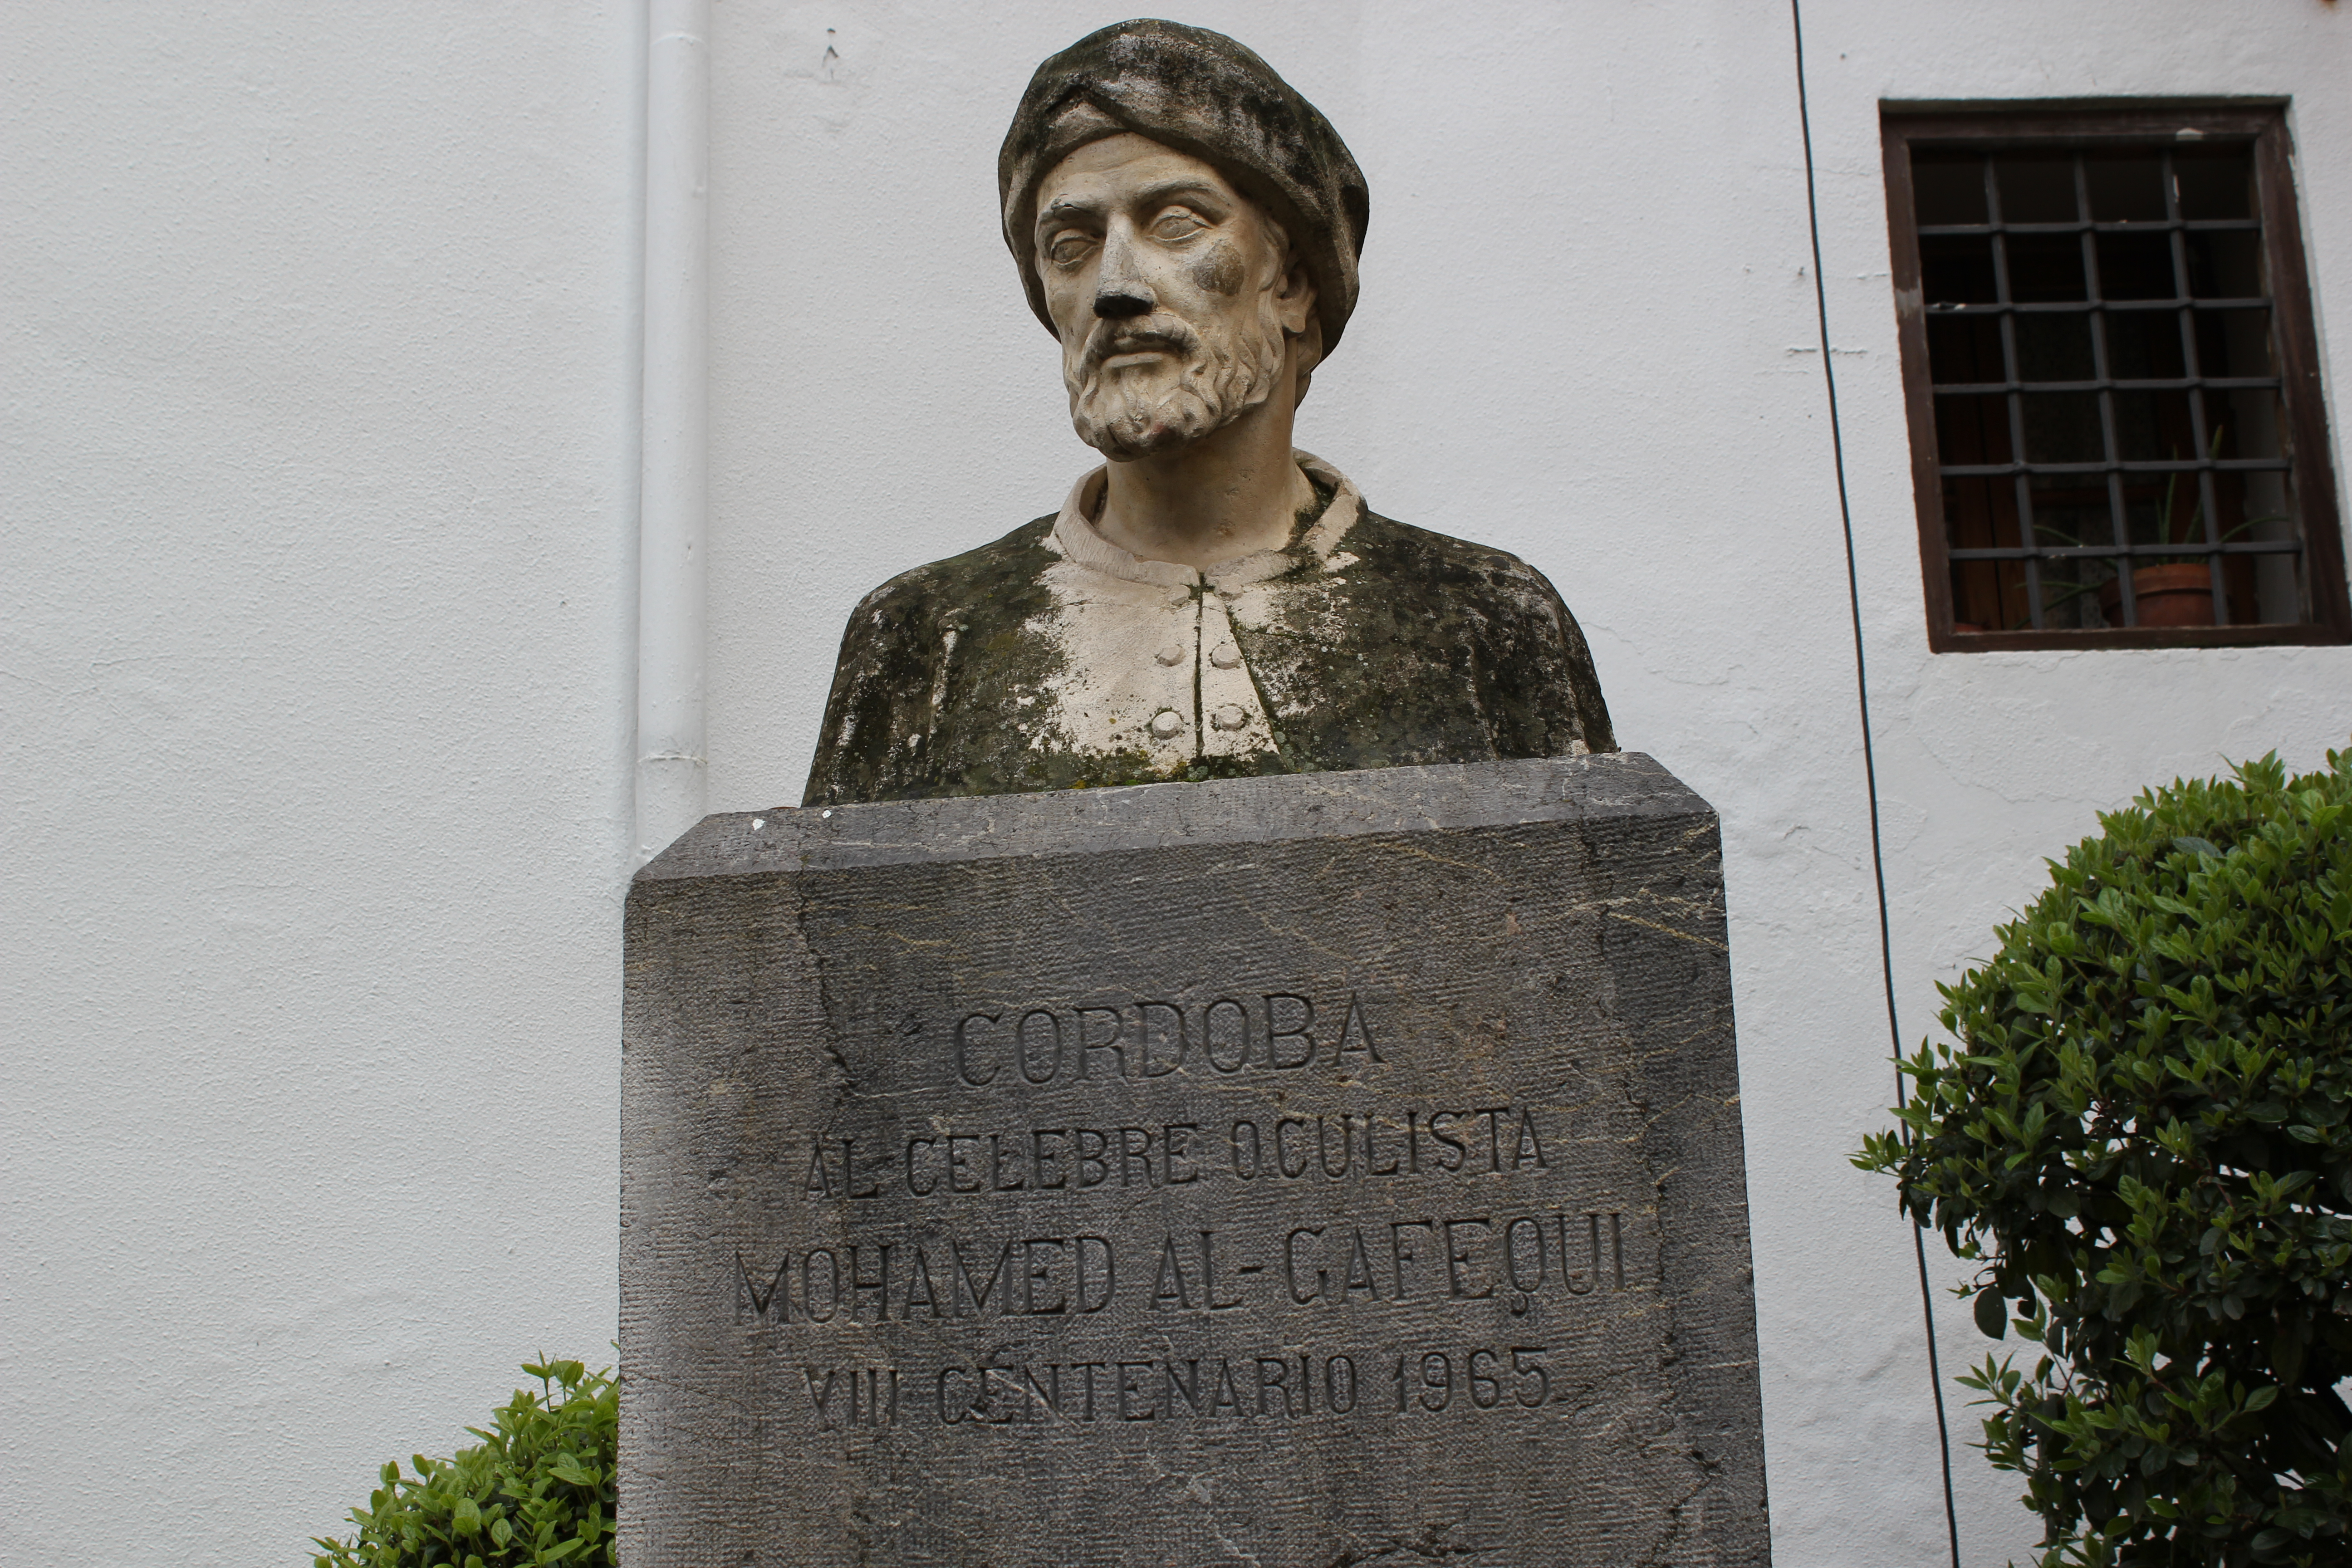 Algafequi: un cirujano de cataratas cordobés en el siglo XII